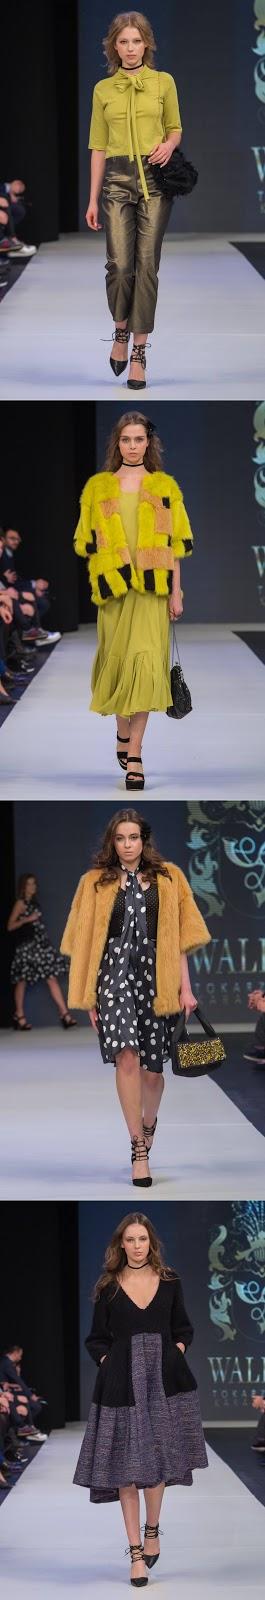 Waleria Tokarzewska-Karaszewicz XIII FashionPhilosophy Fashion Week Poland (c) 2015 Mike Pasarella